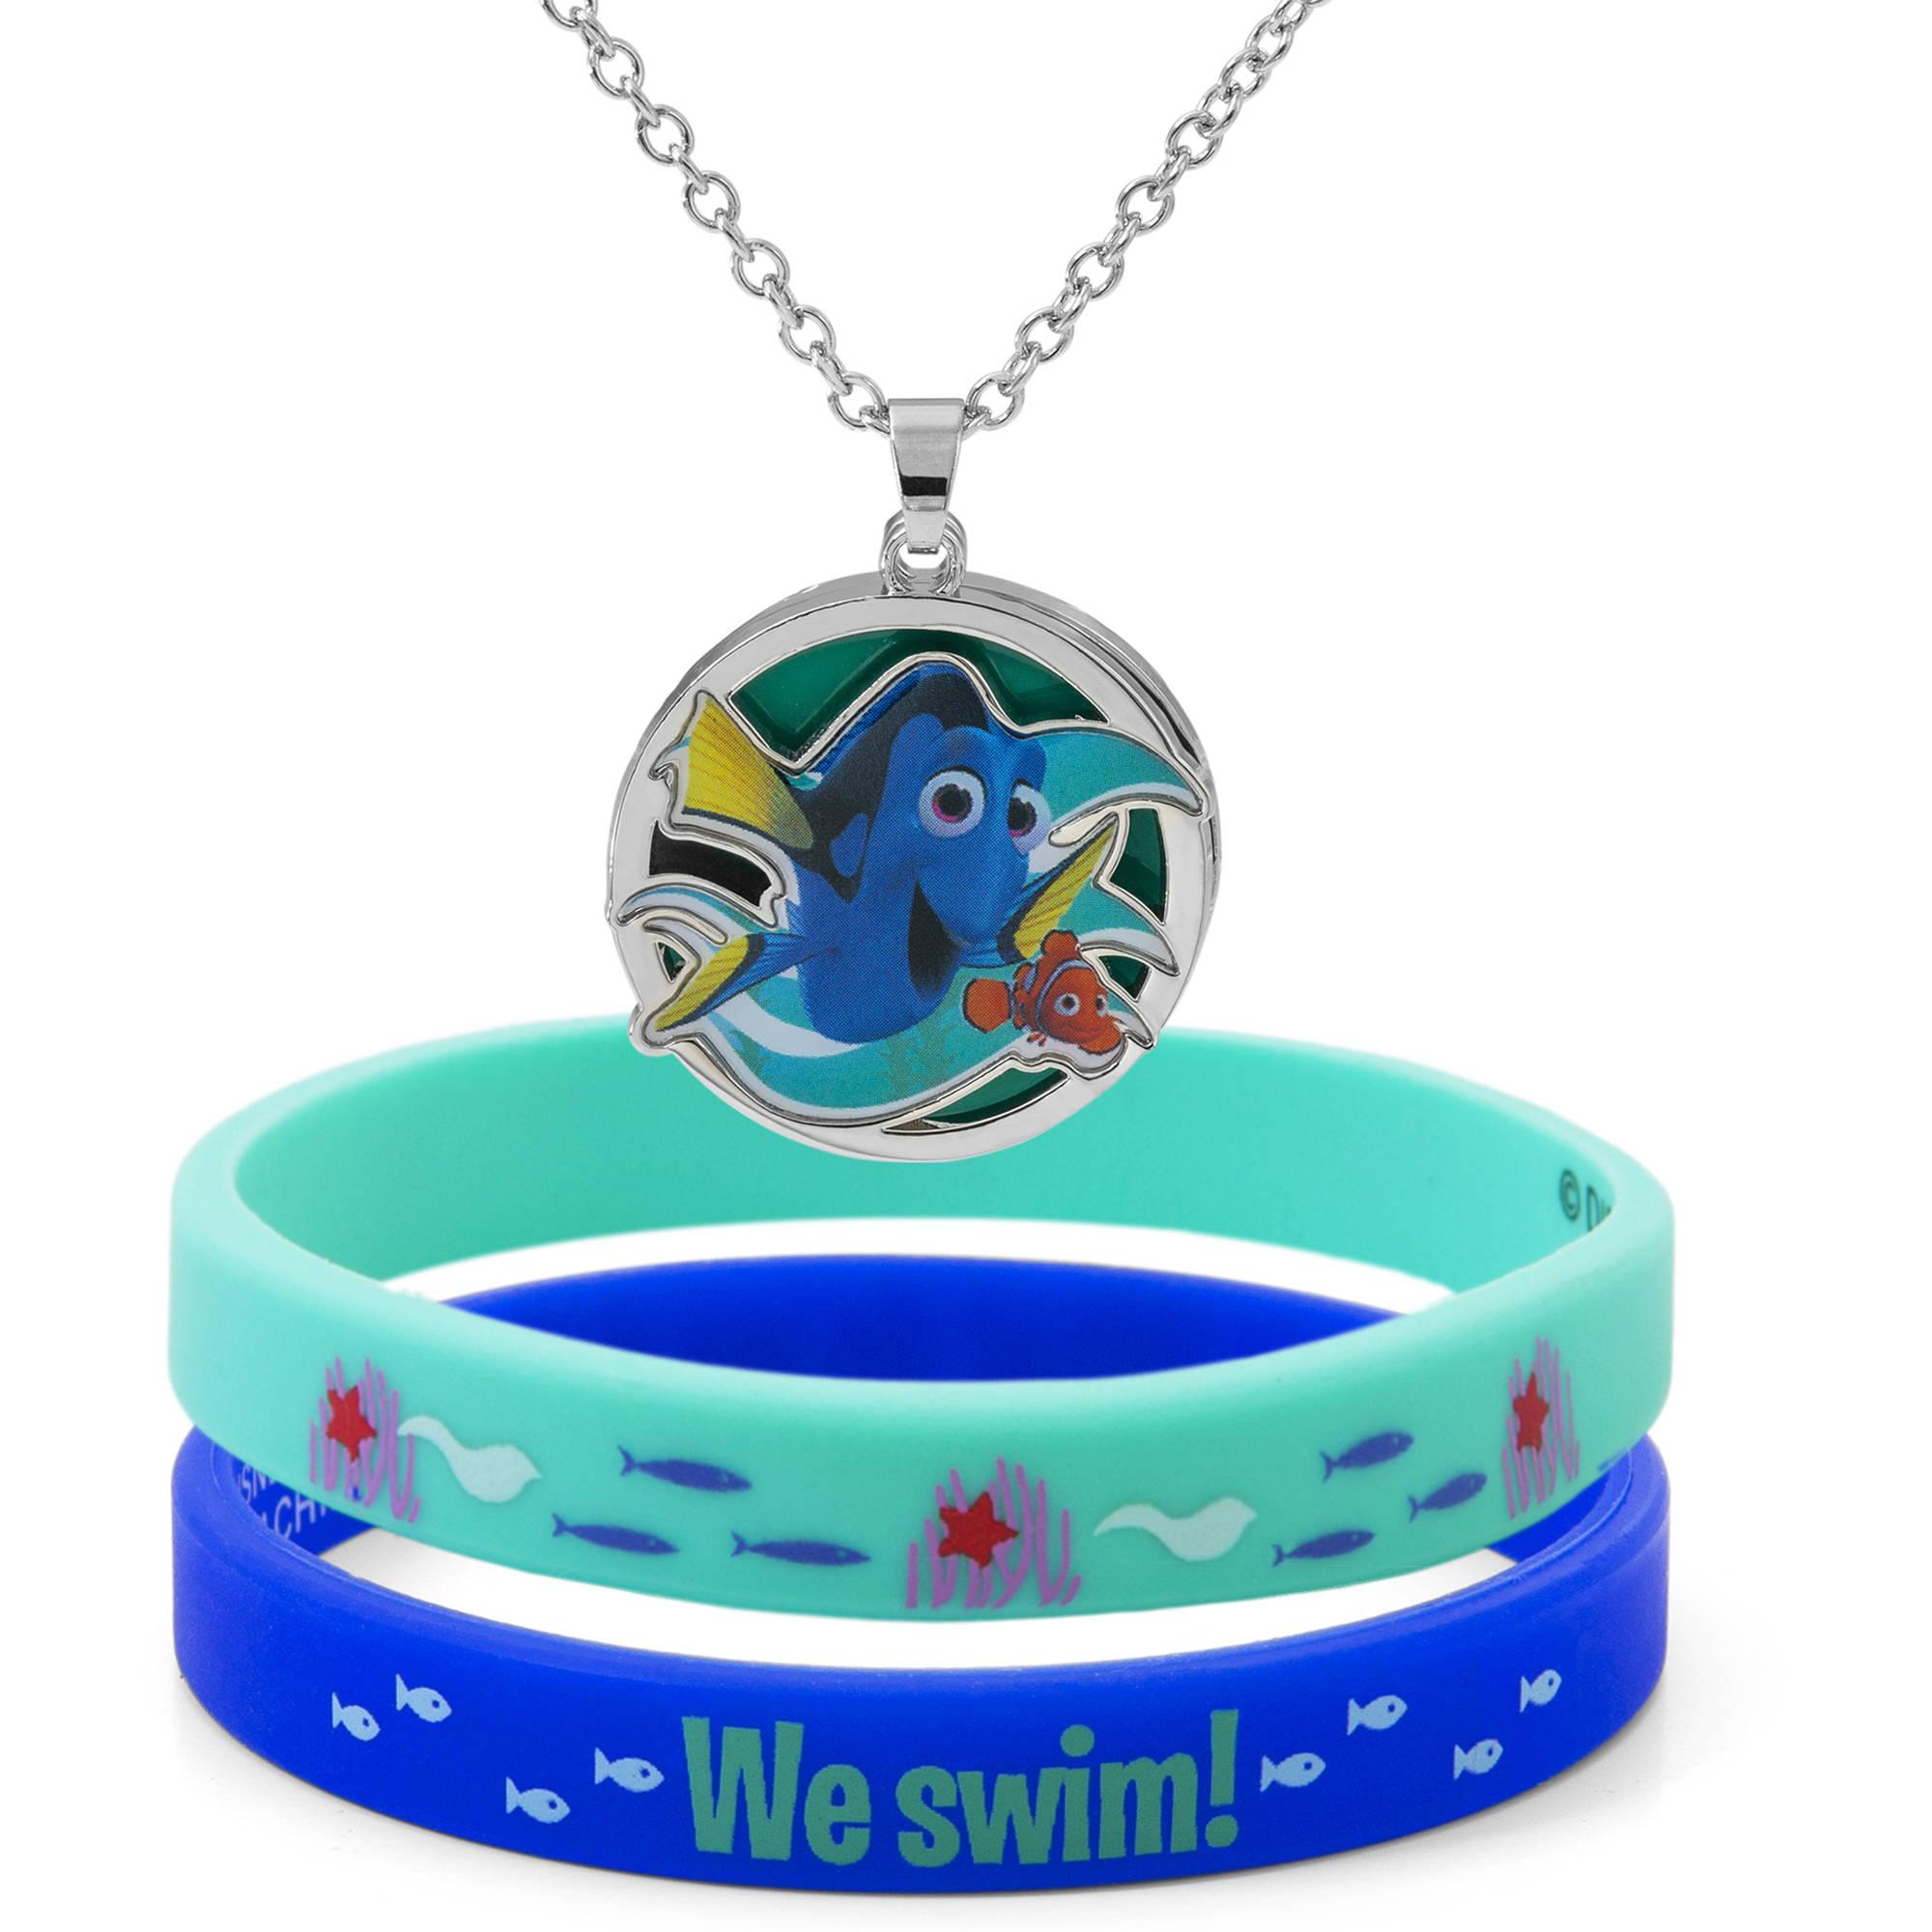 Disney Finding Dory Pendant & Bracelet Set